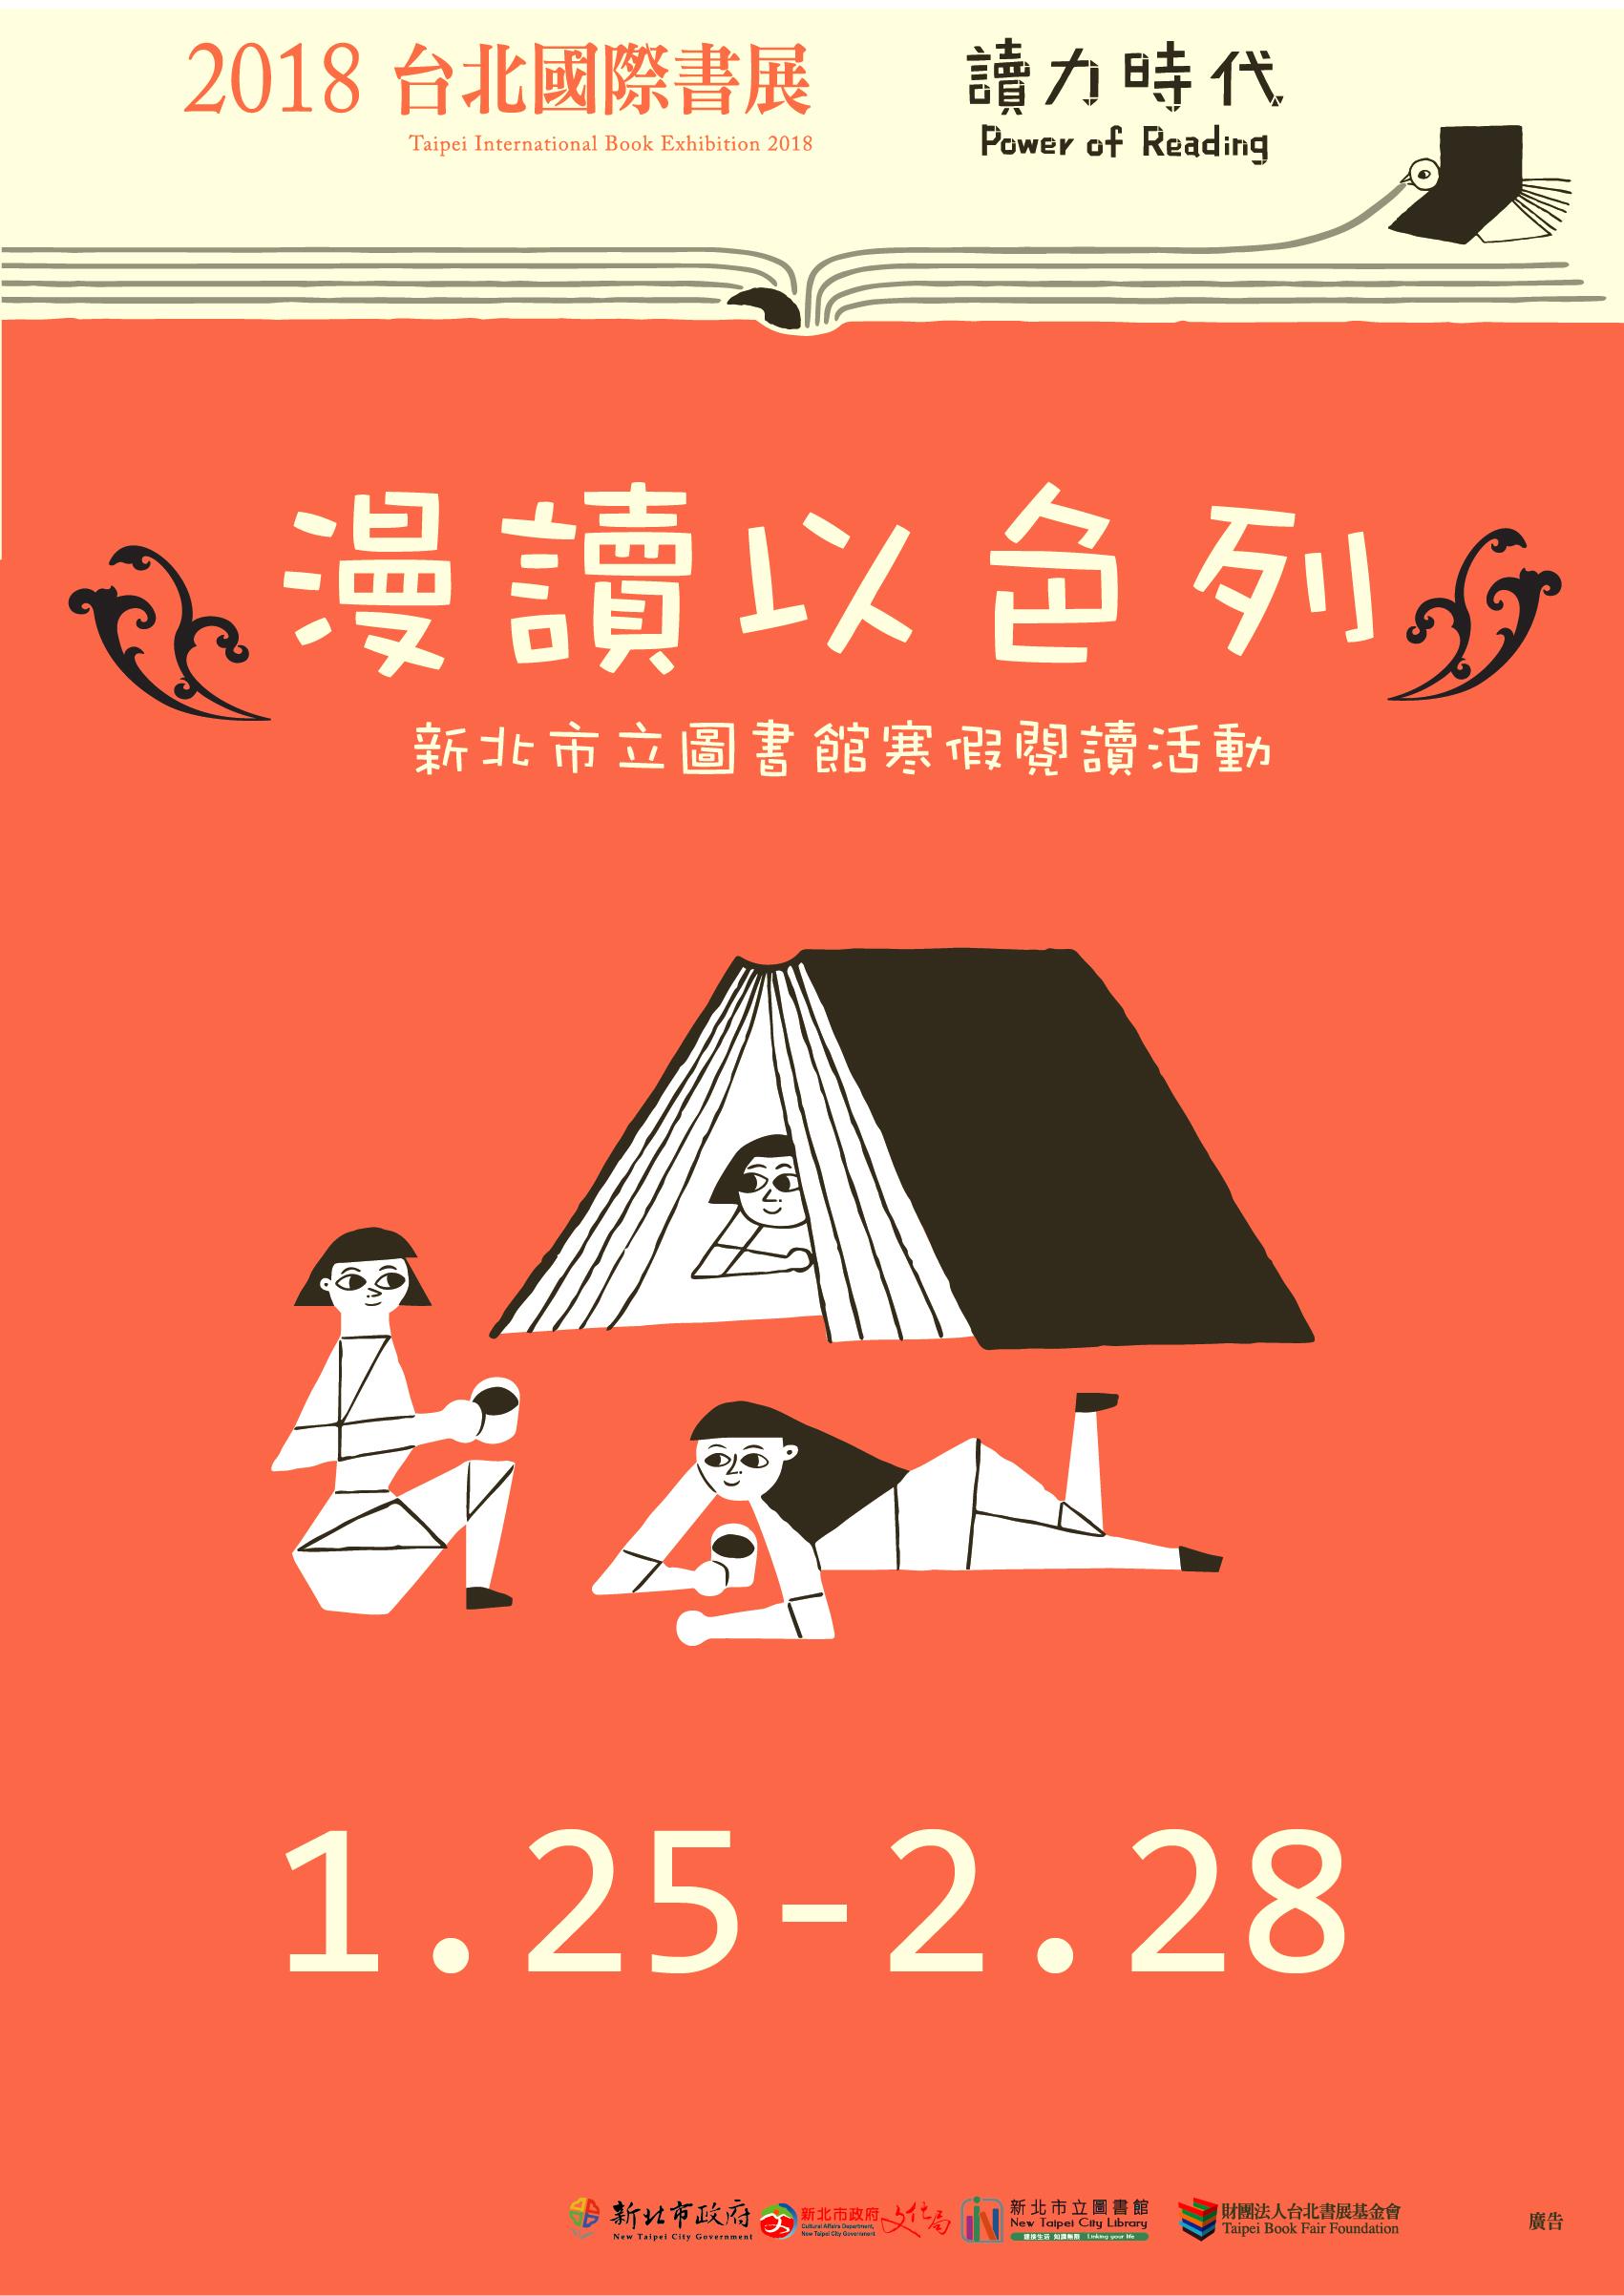 0125-0228書展海報